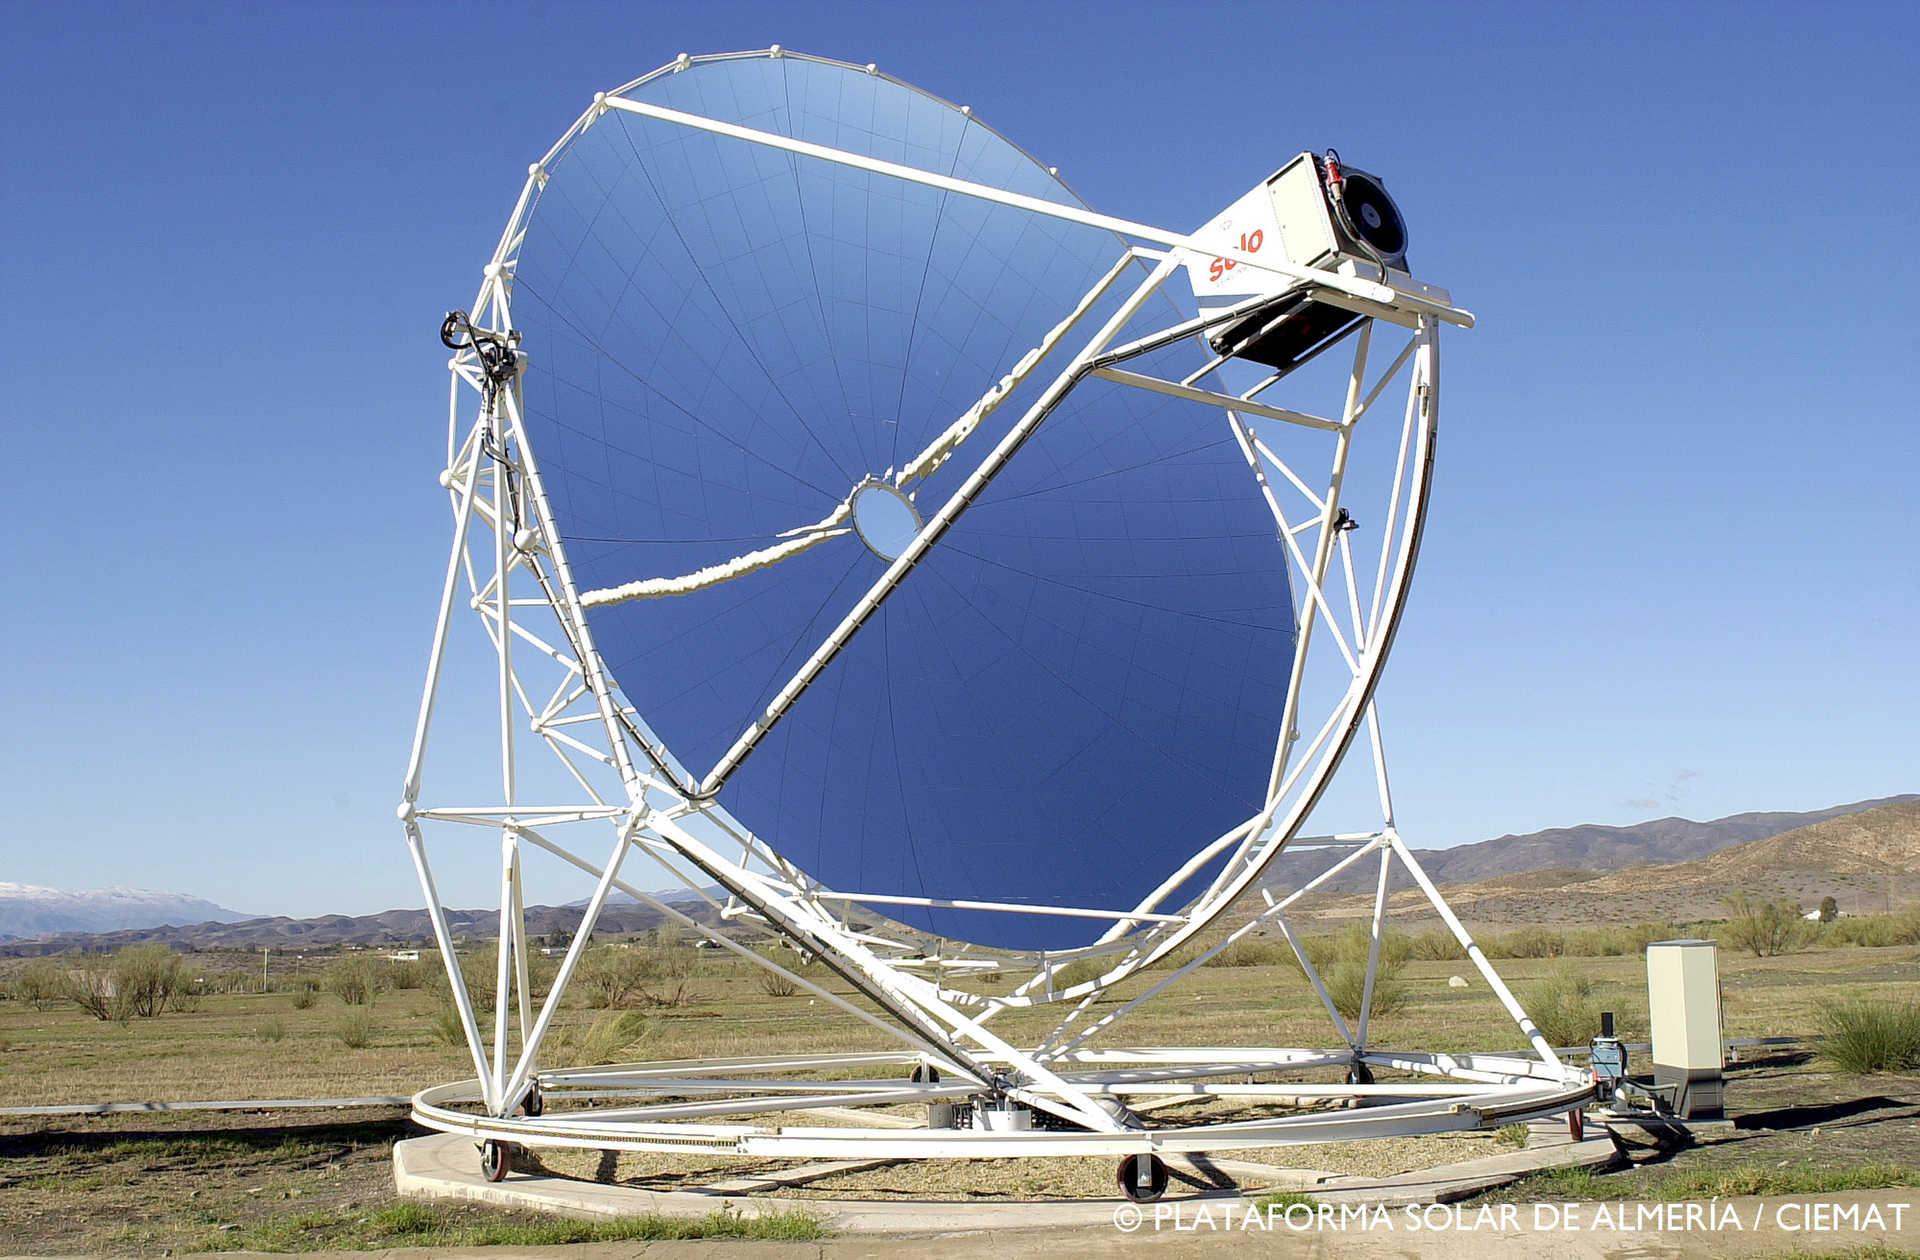 Plataforma Solar de Almería